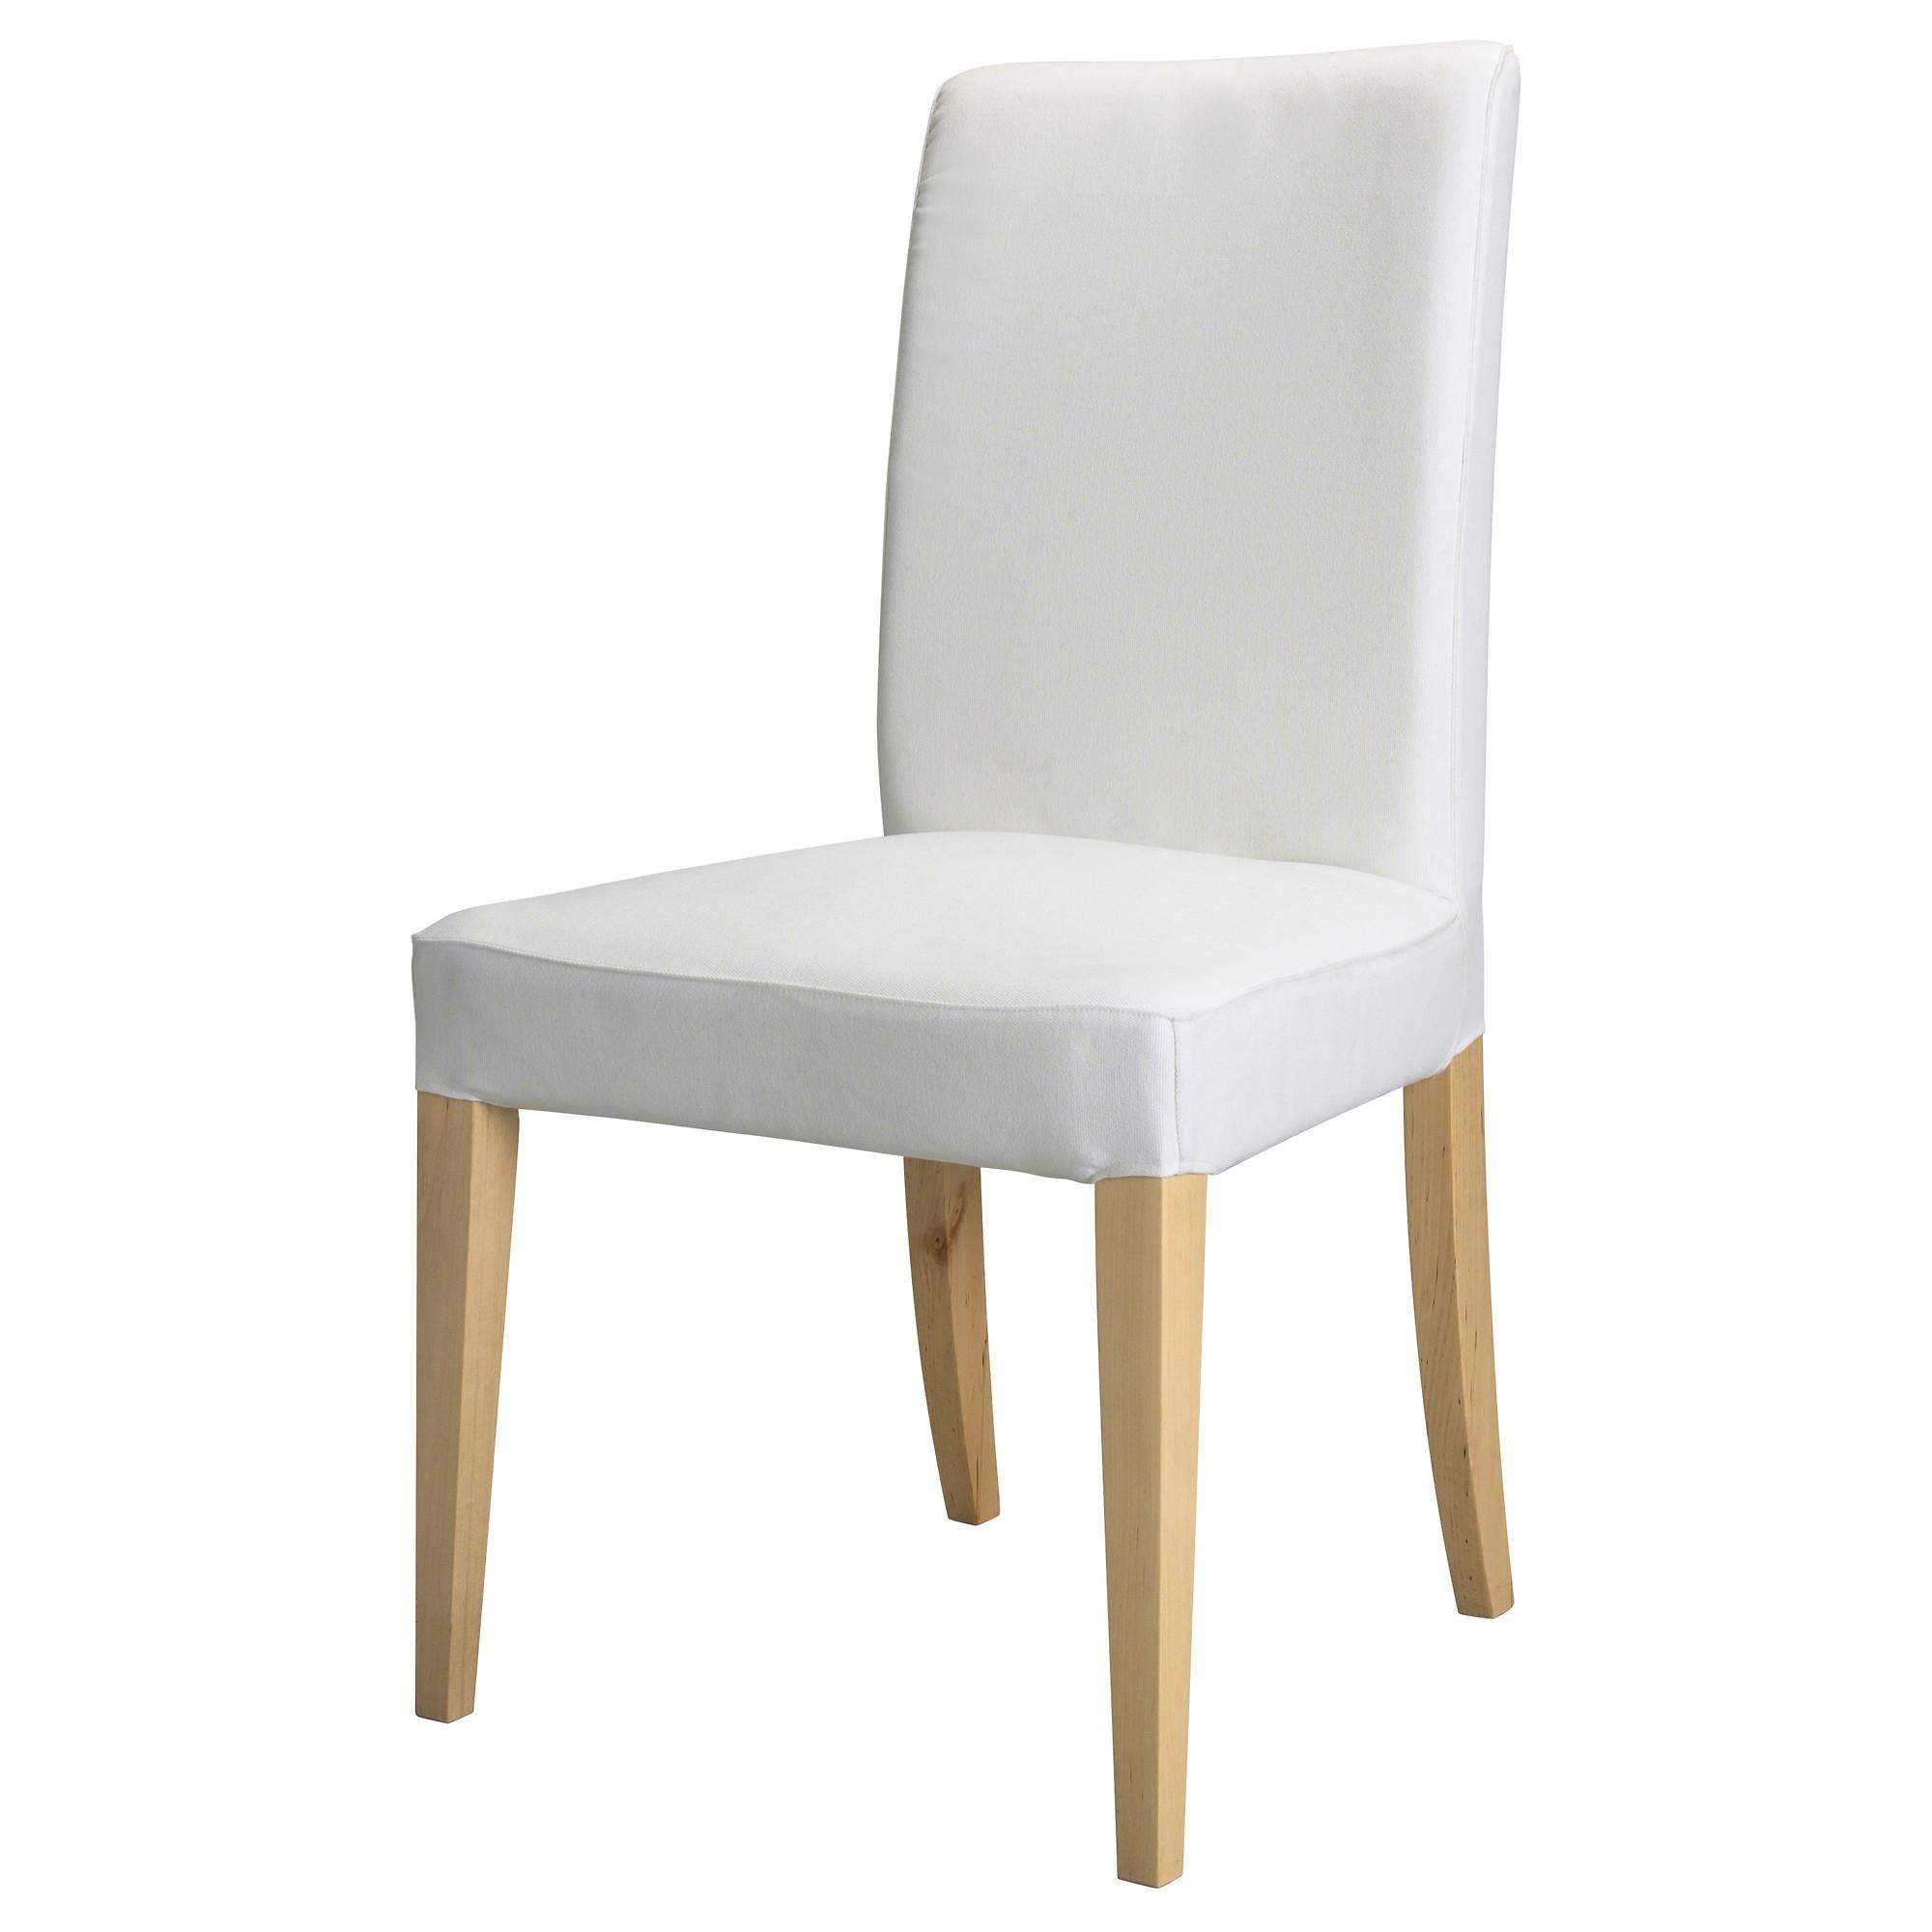 henriksdal estructura de silla abedul. Black Bedroom Furniture Sets. Home Design Ideas